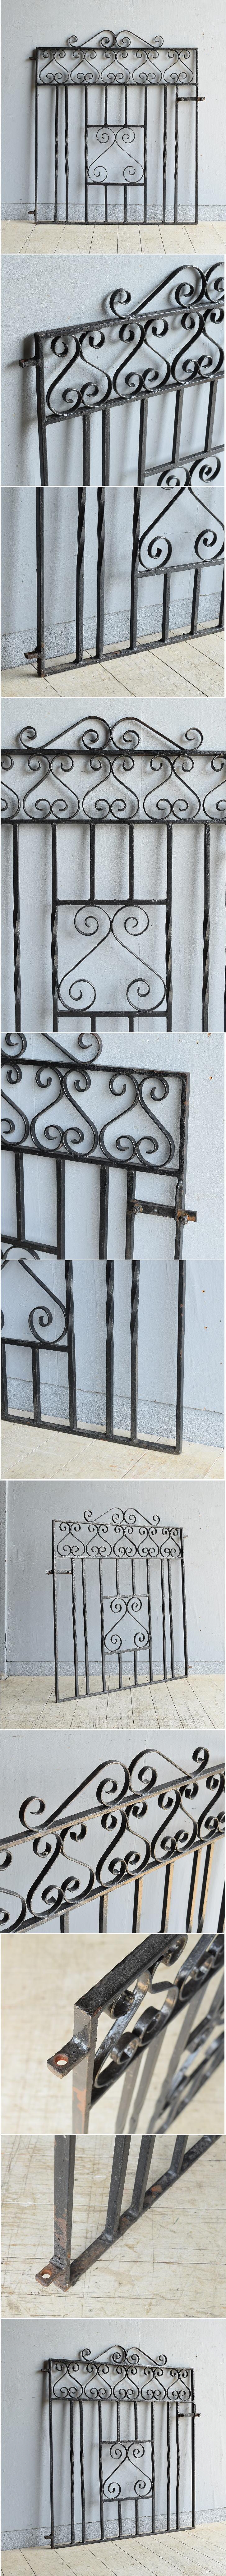 イギリス アンティーク アイアンフェンス ゲート柵 8169